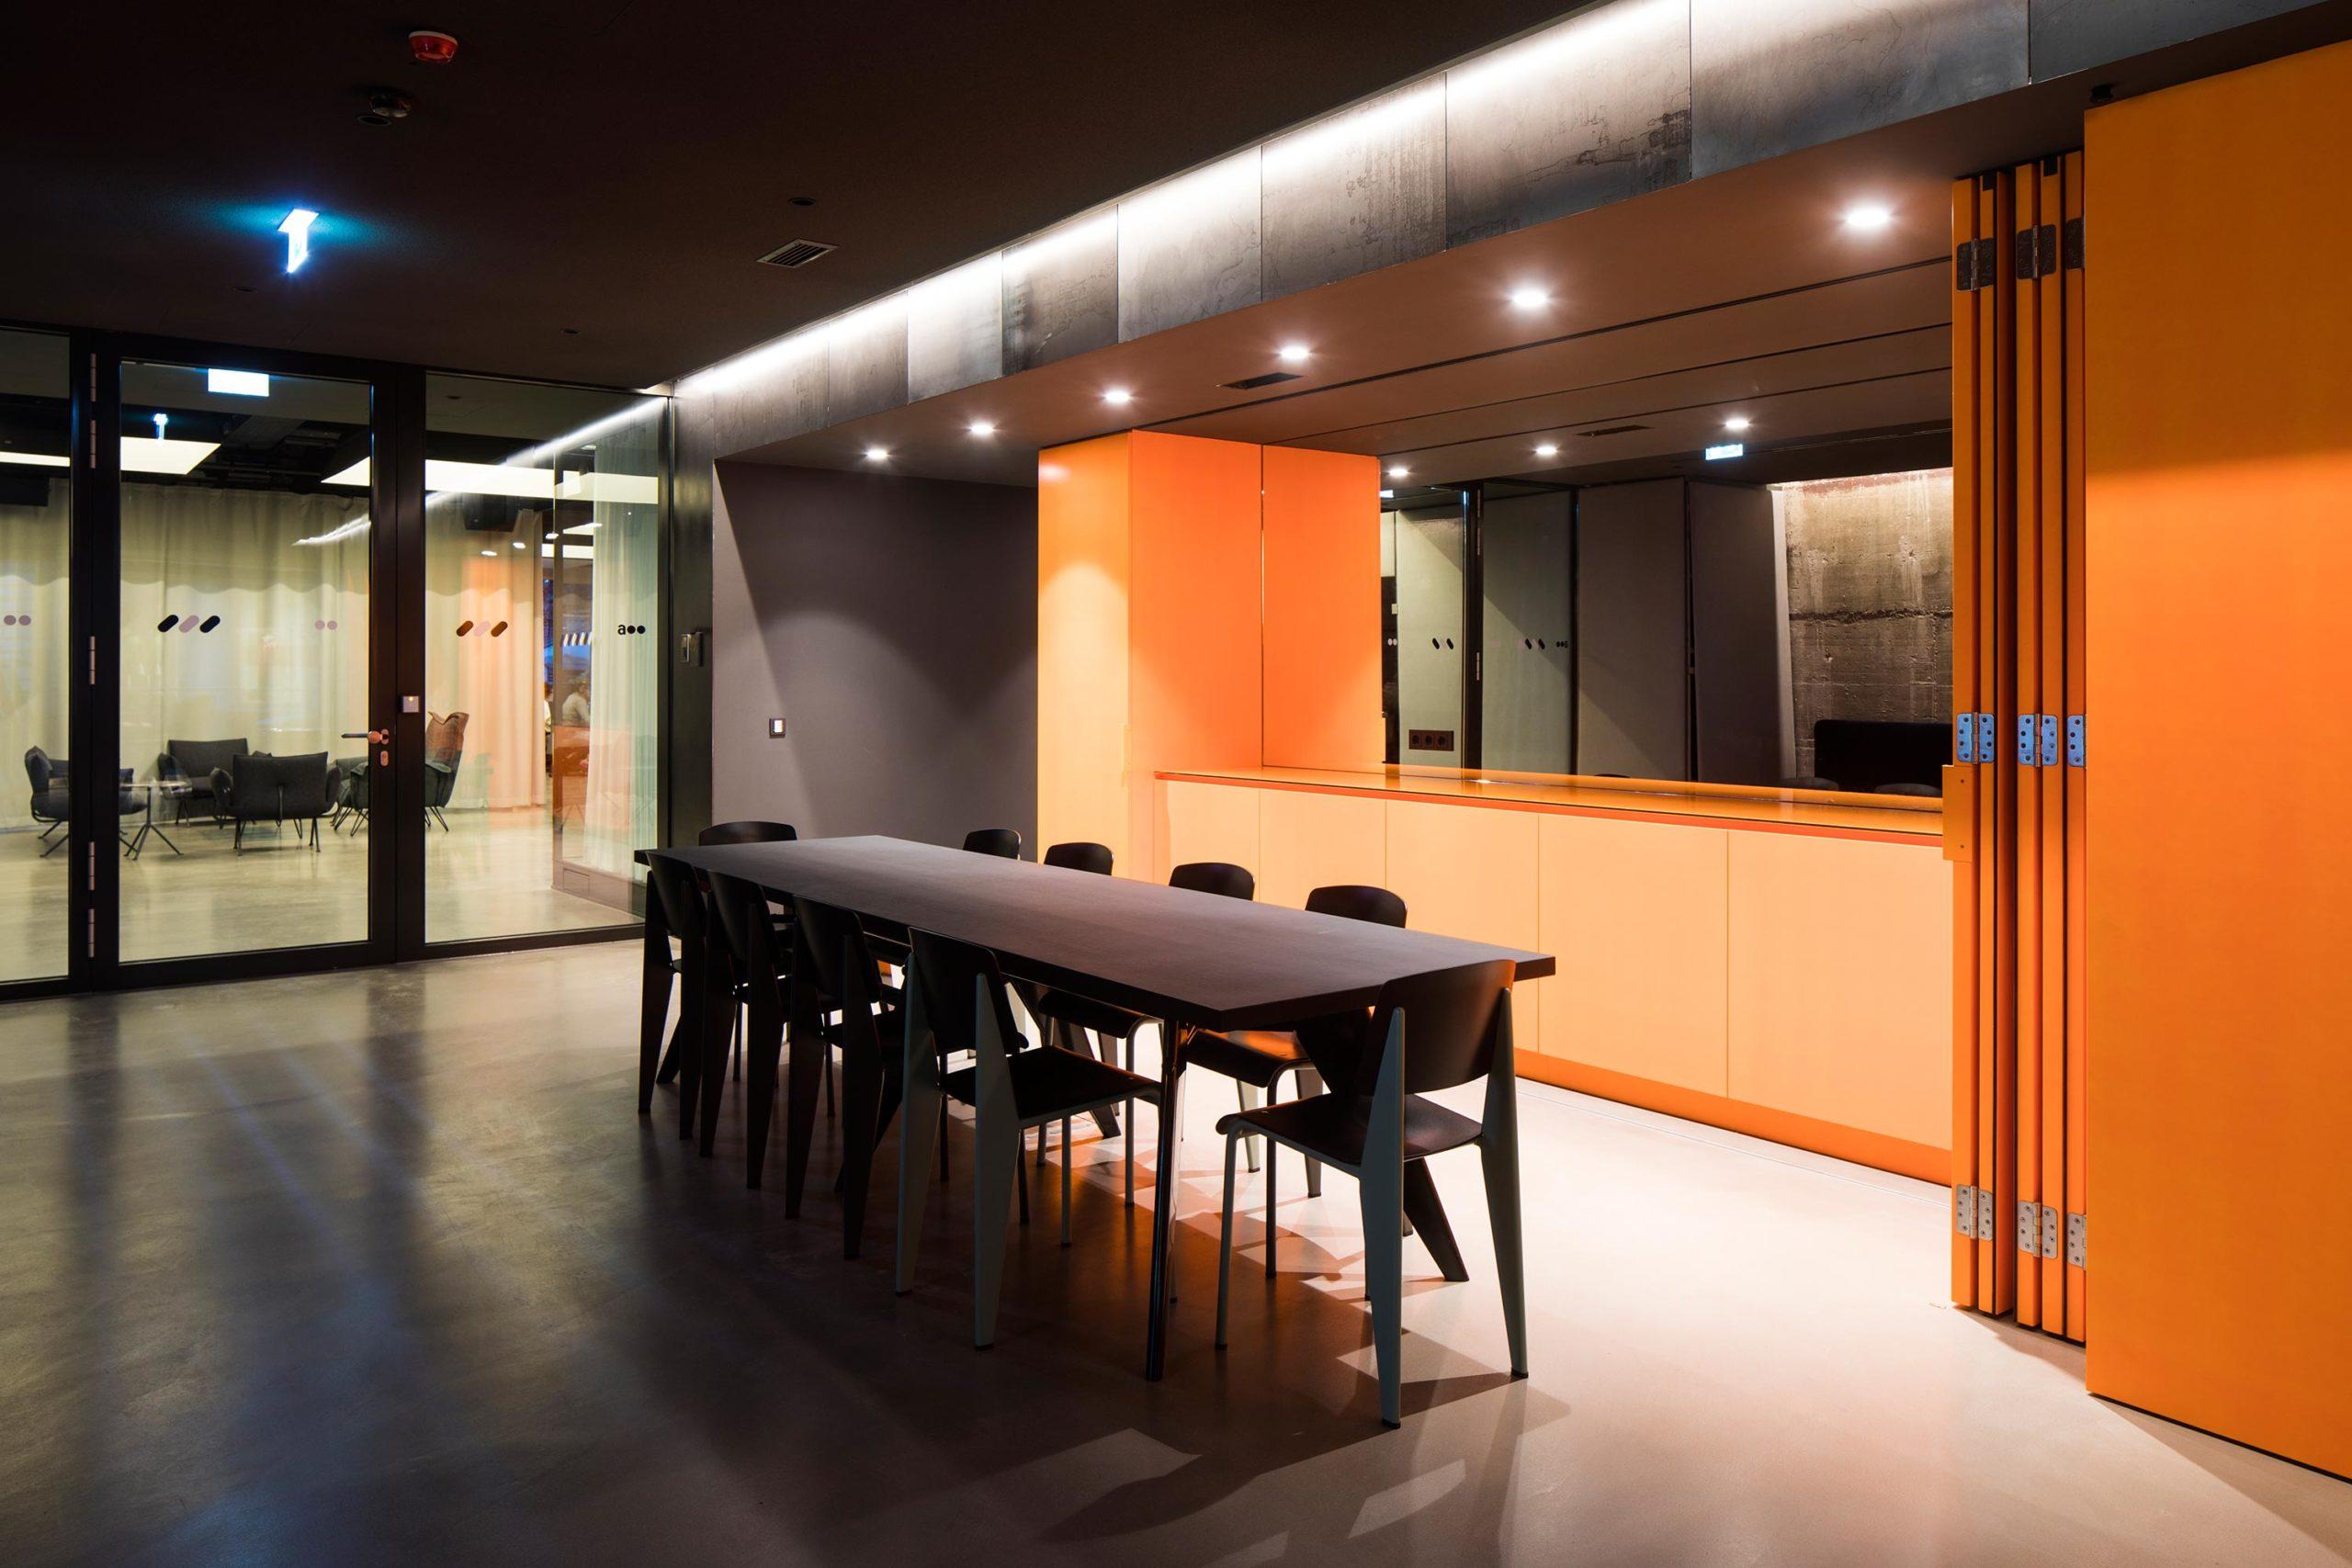 Addendum Redaktion und TV-Studio, Empfangsbereich. Foto: Wolfgang Thaler | Berger+Parkkinen Architekten